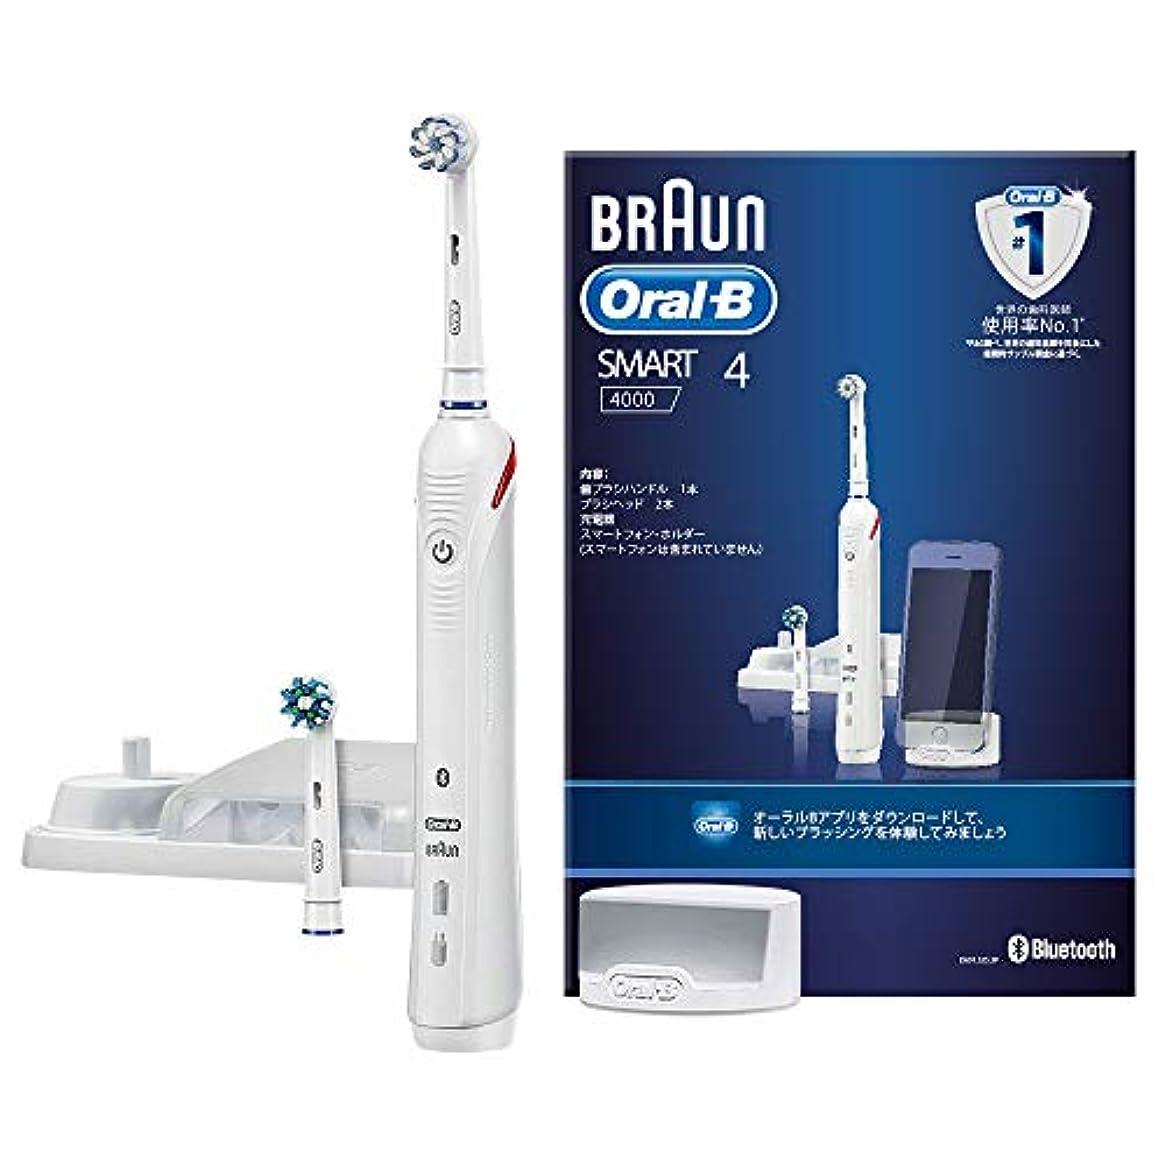 送信するスラム意外ブラウン オーラルB 電動歯ブラシ スマート4000 D6015253P